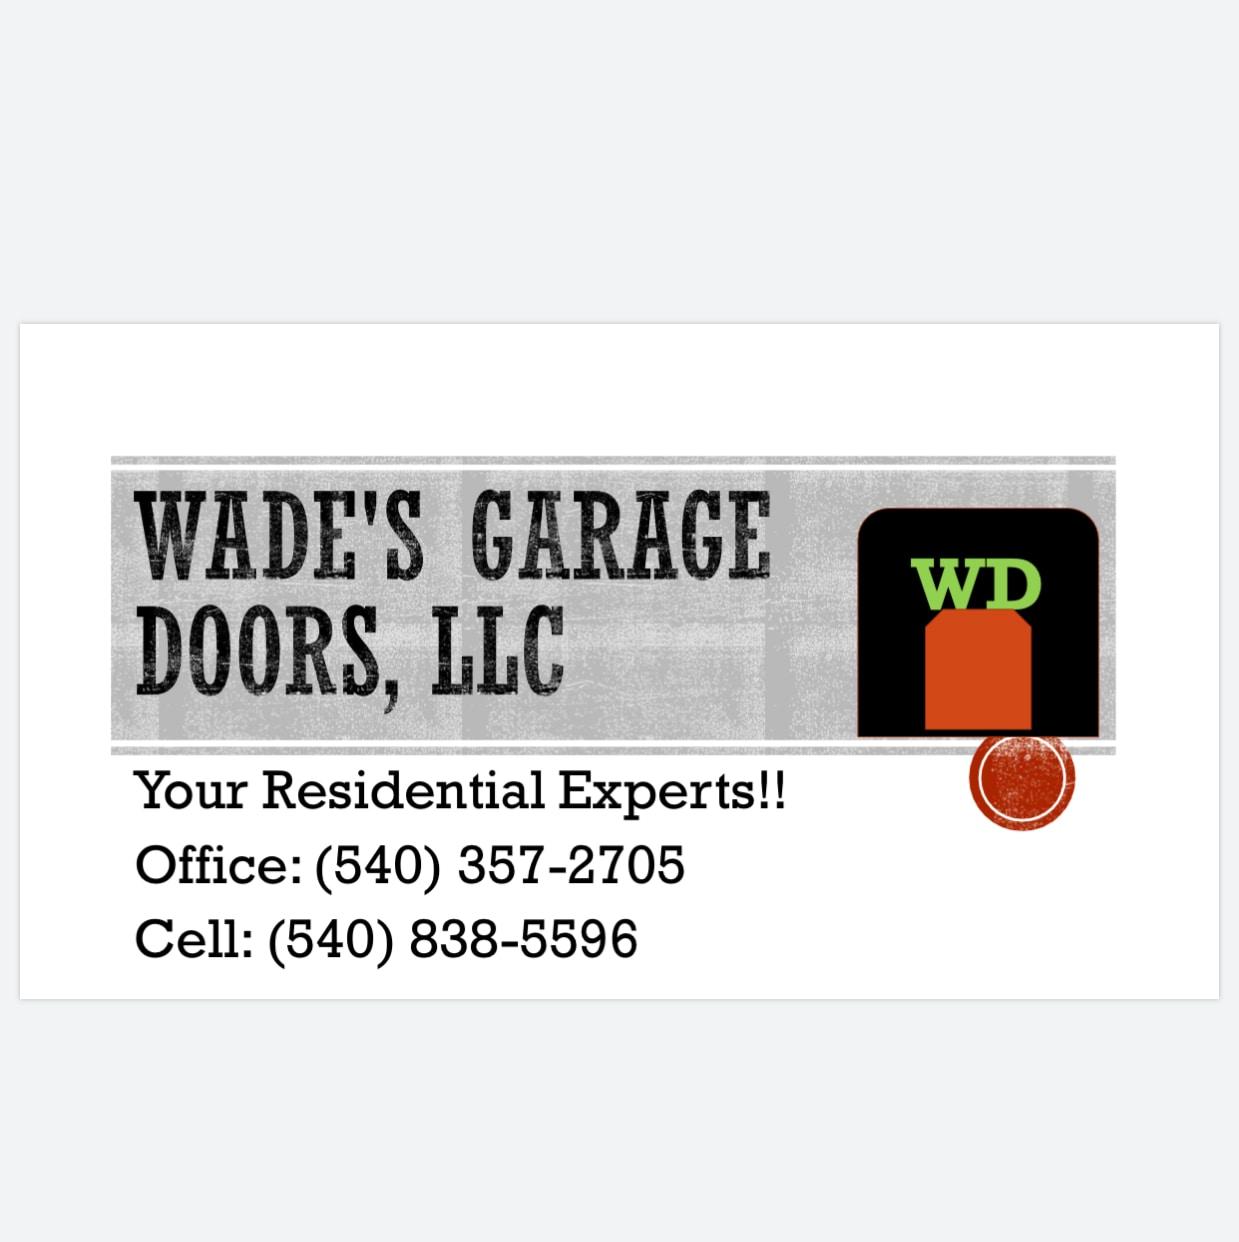 Wades Garage Doors LLC